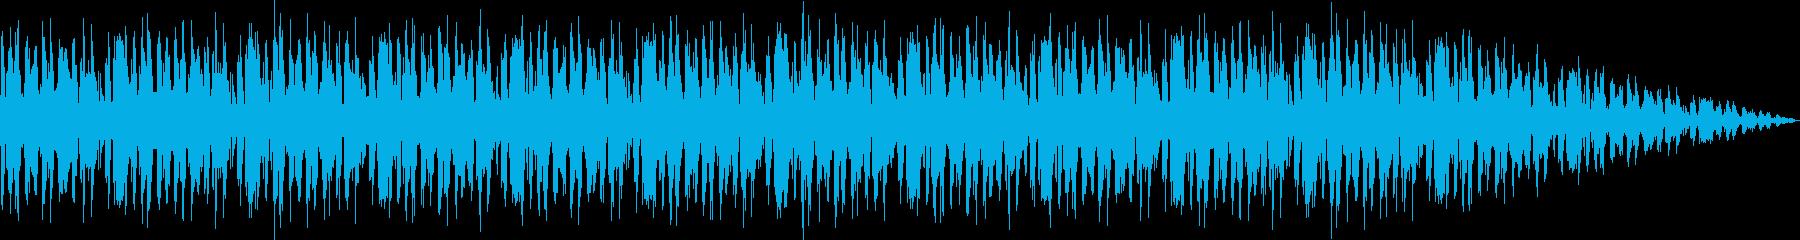 ループコスト、リード。の再生済みの波形